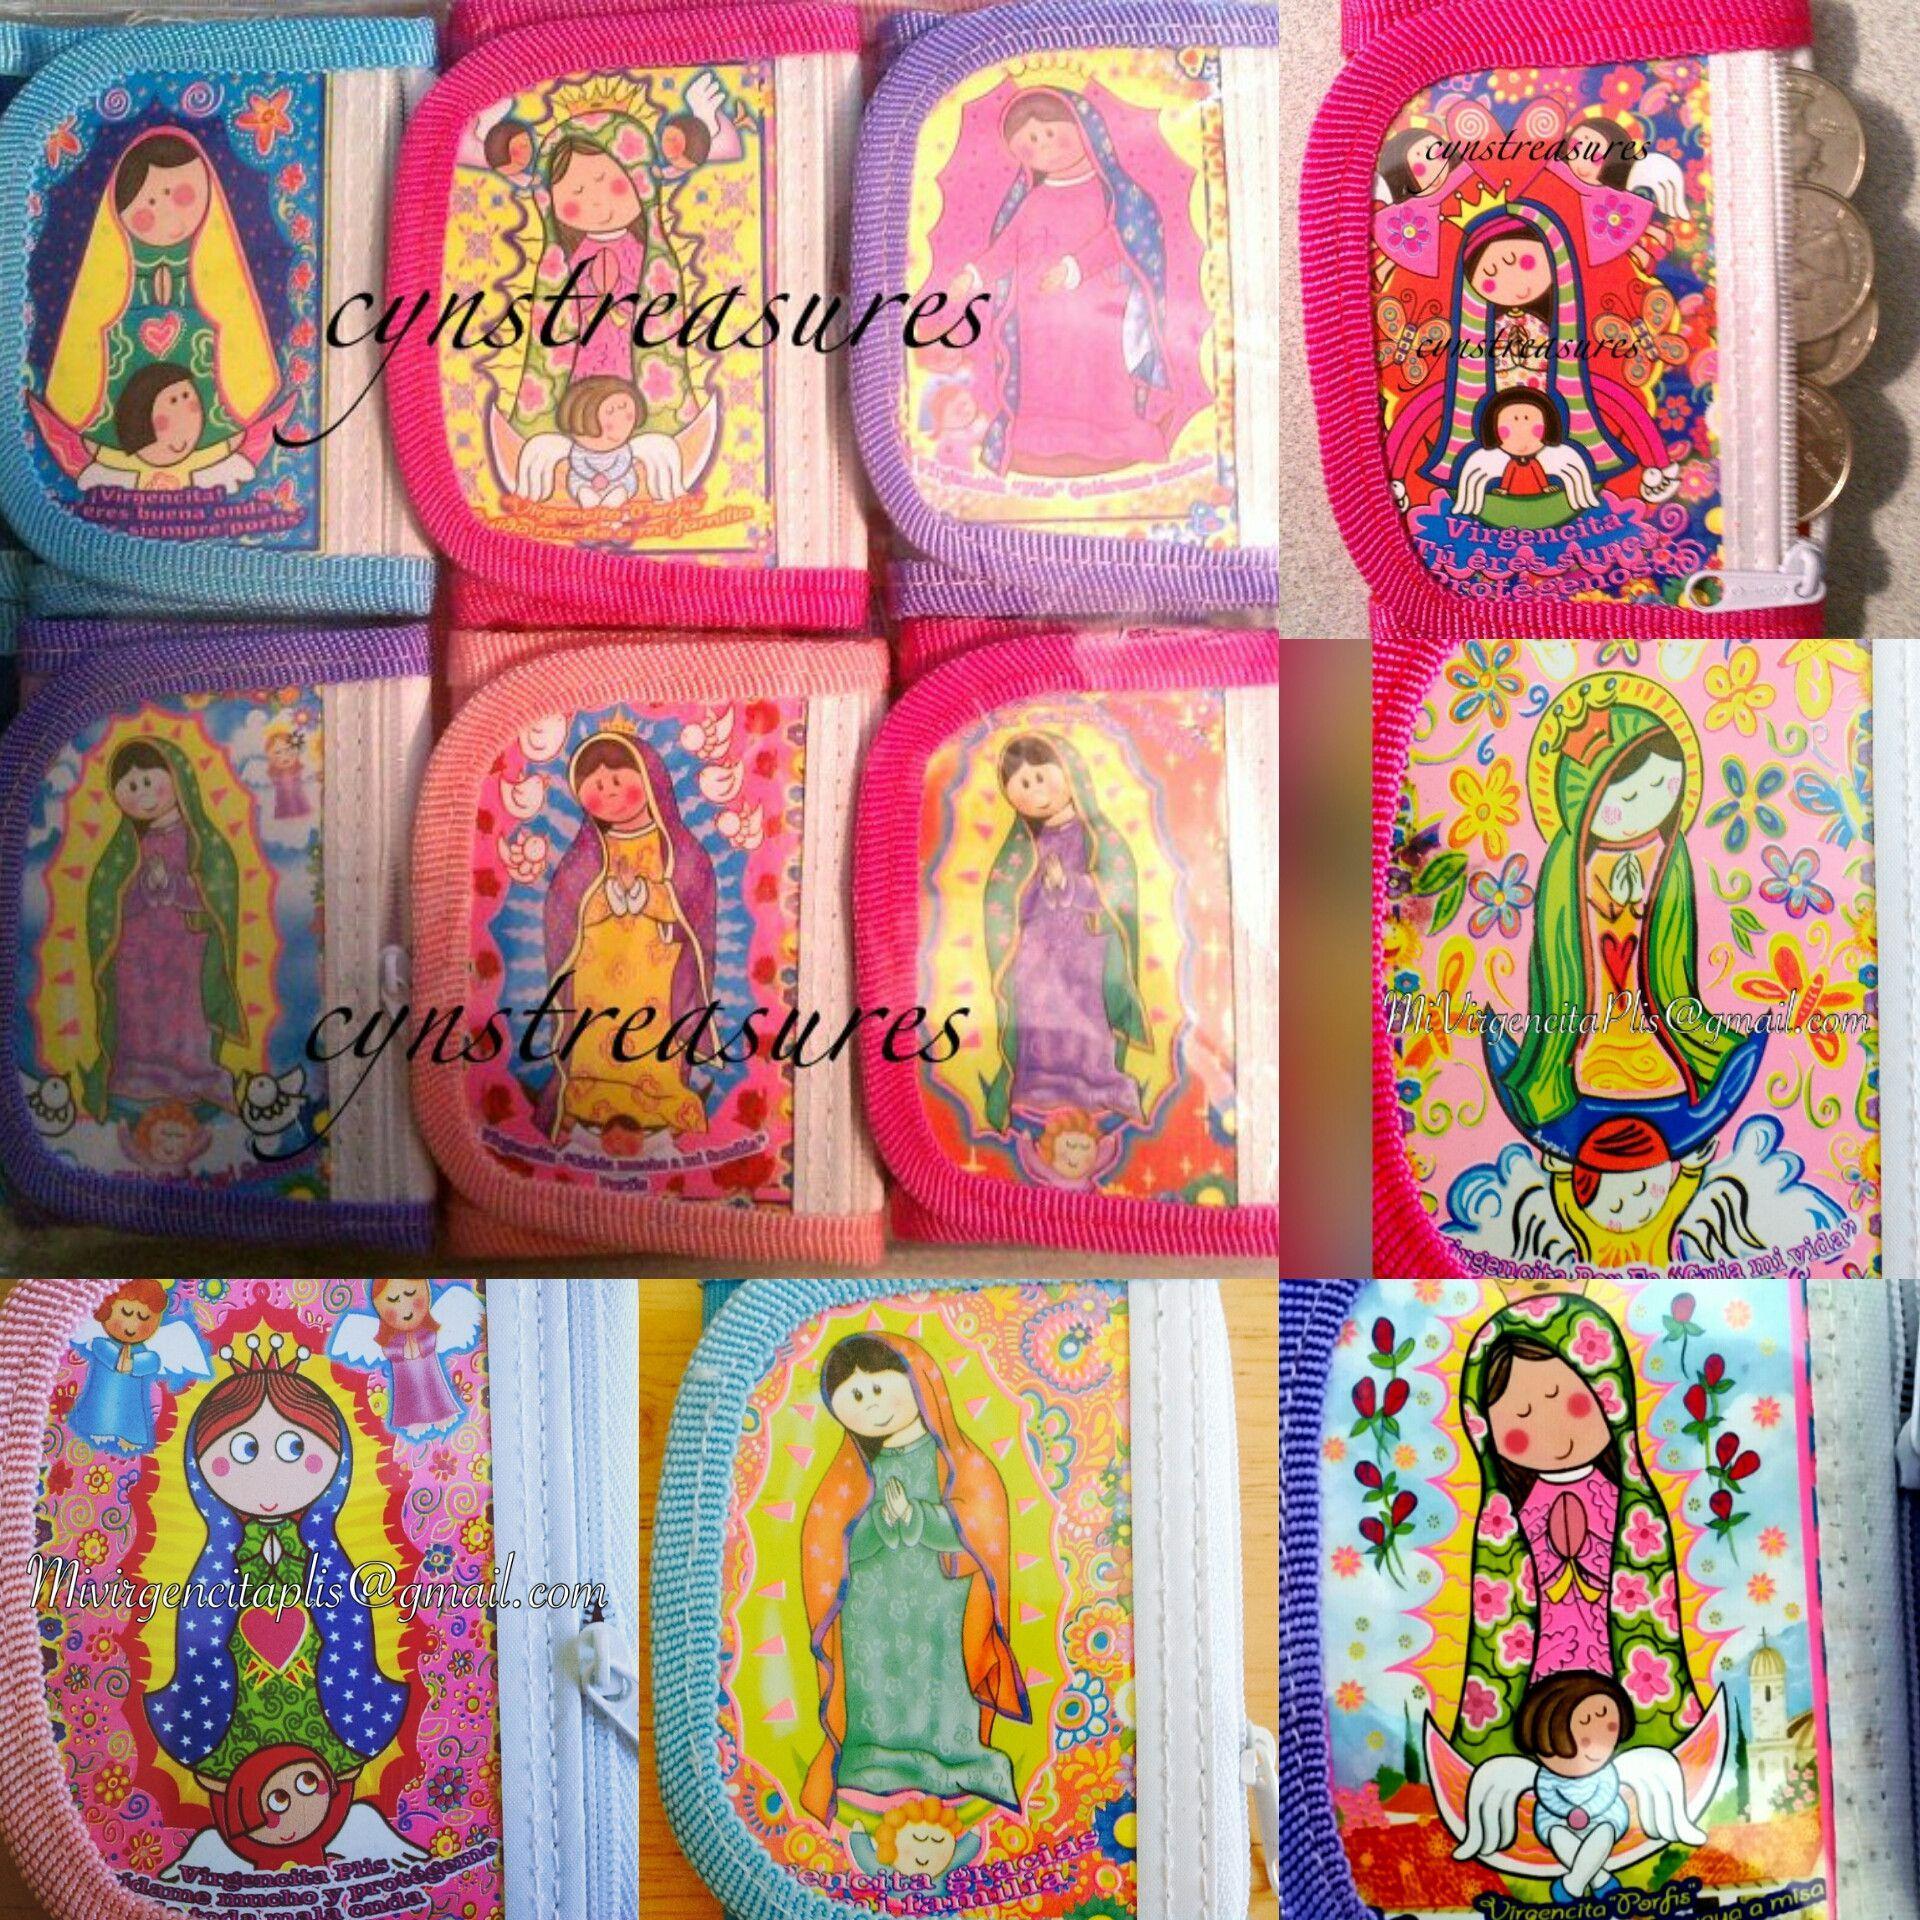 Carteritas Lot Of 12 Virgencita Plis Buy At Wholesale Price